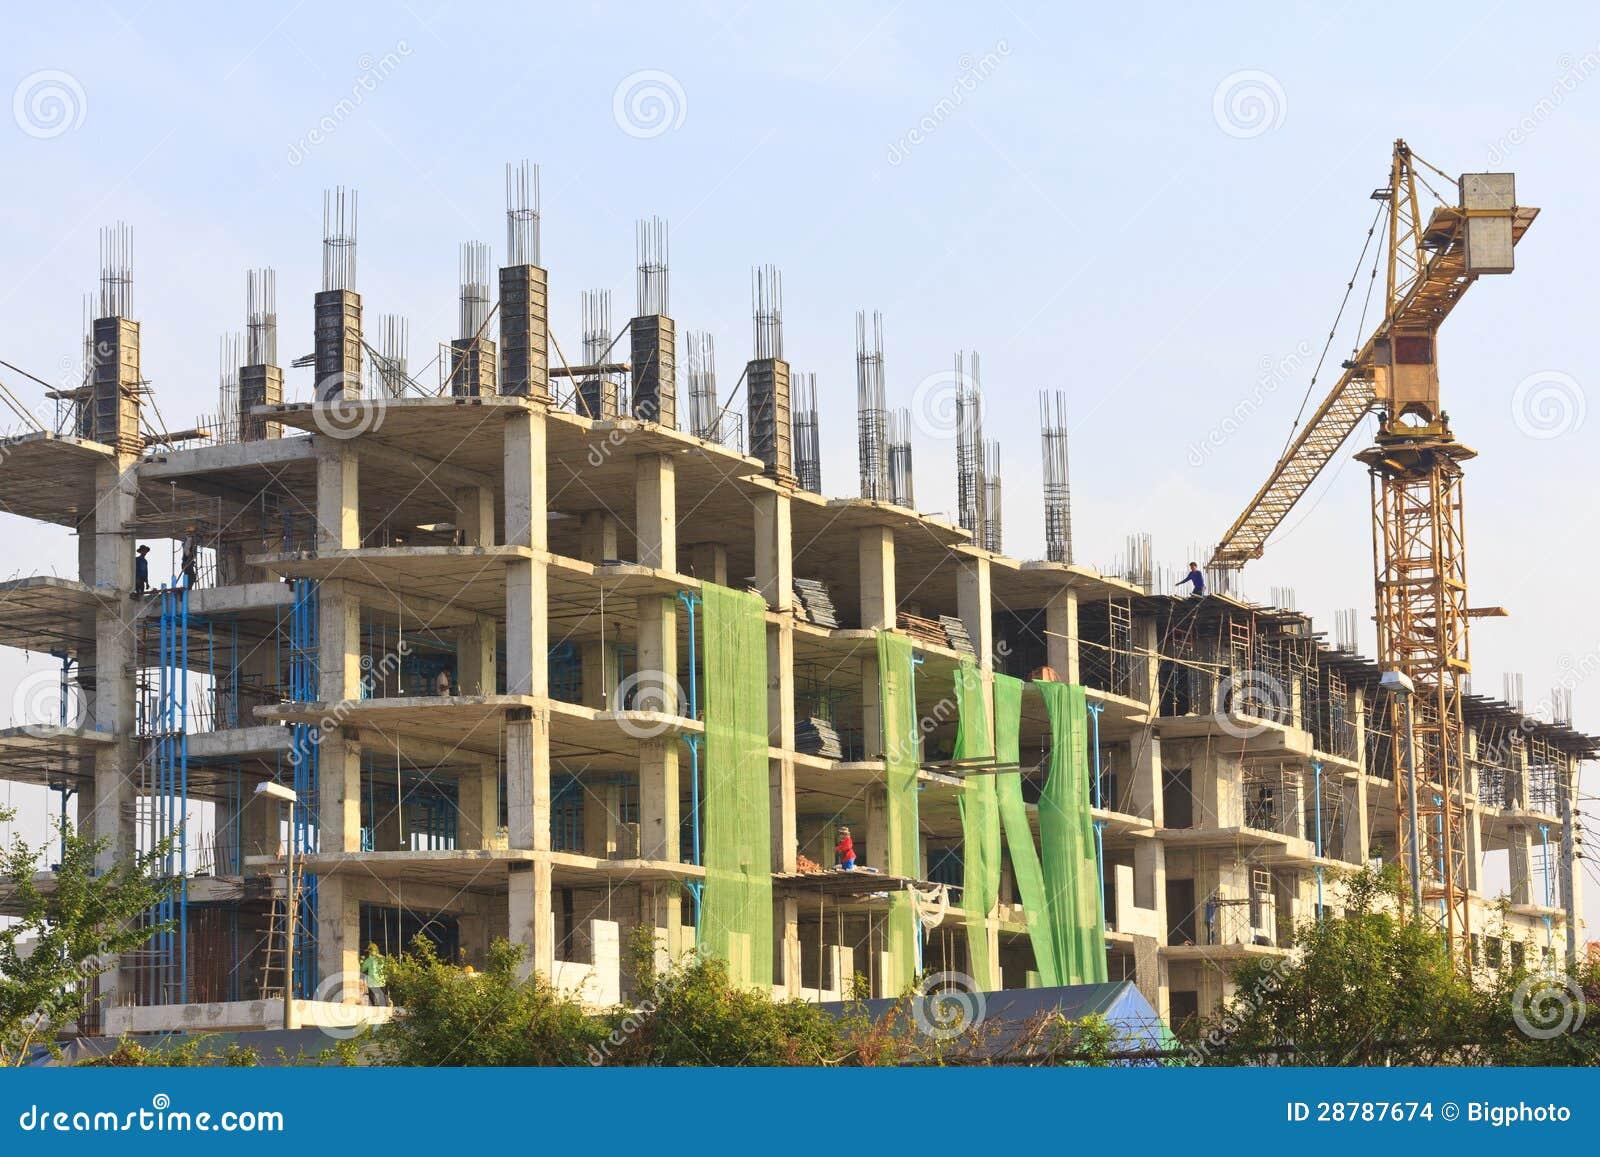 Trabajo en lugar con muchos edificios altos bajo for Videos de construccion de edificios